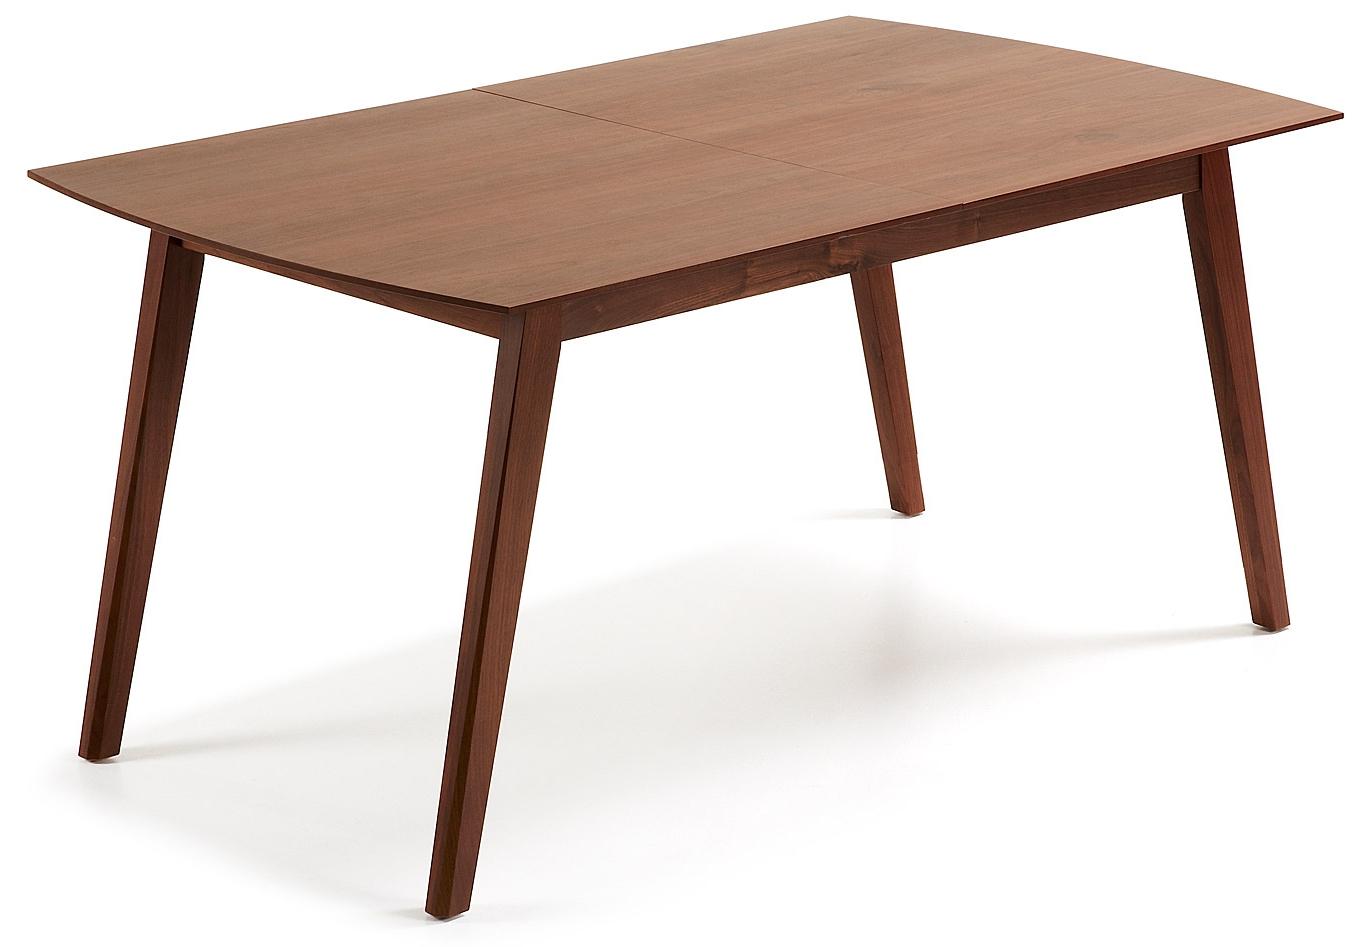 LaForma Tafel Arya - 200 x 100 cm - Glas - Wit tafels laforma kado